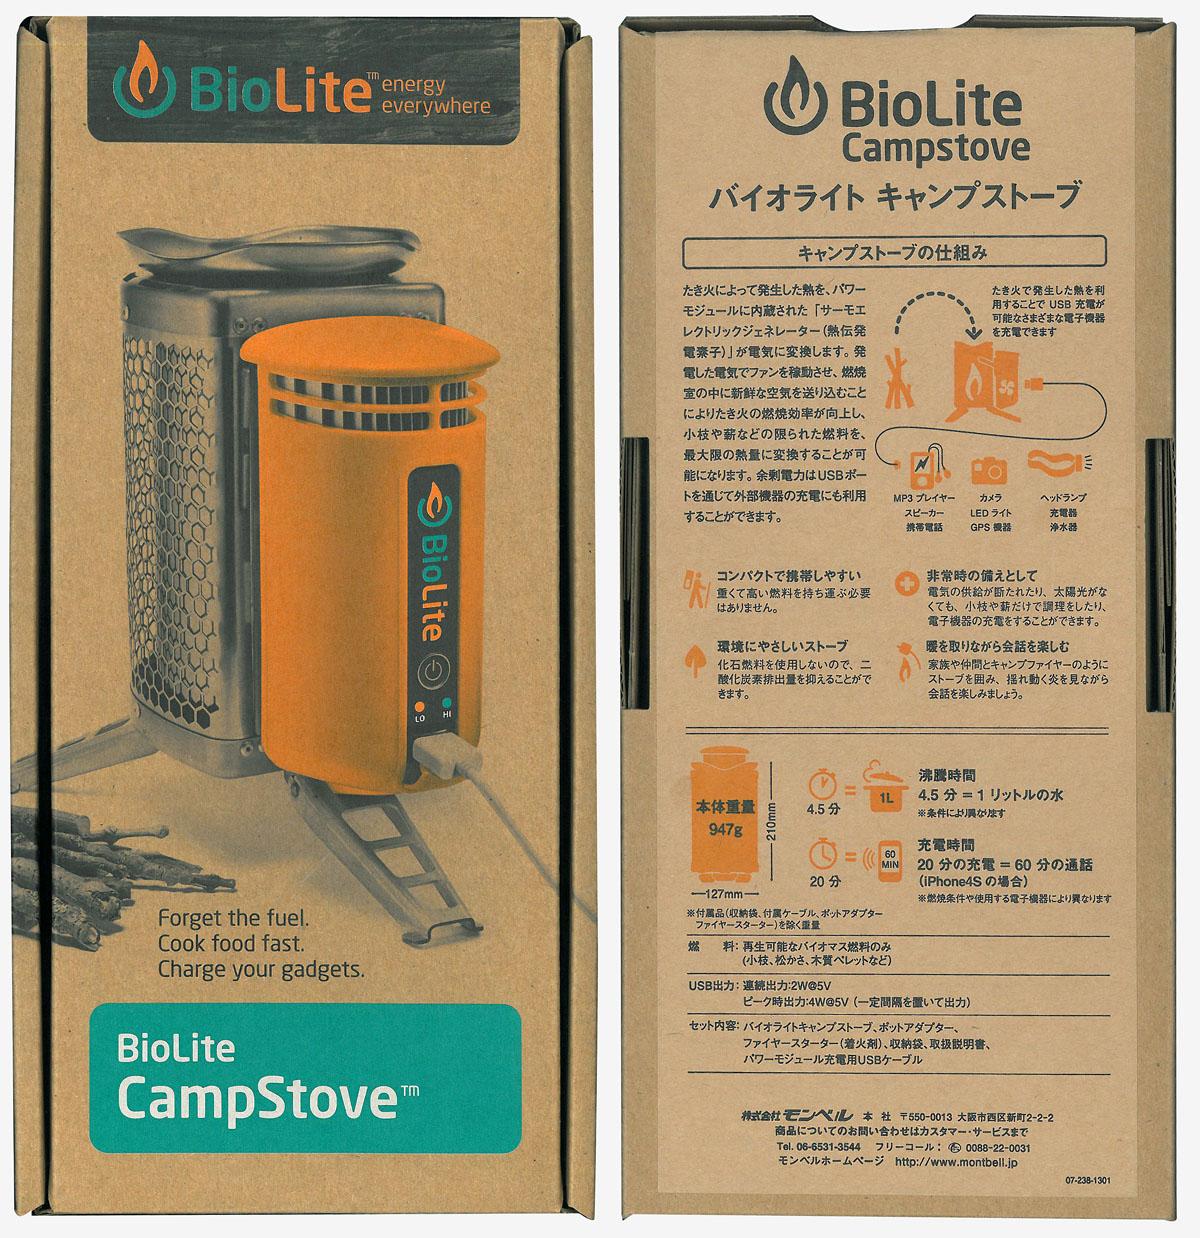 biolite_package.jpg